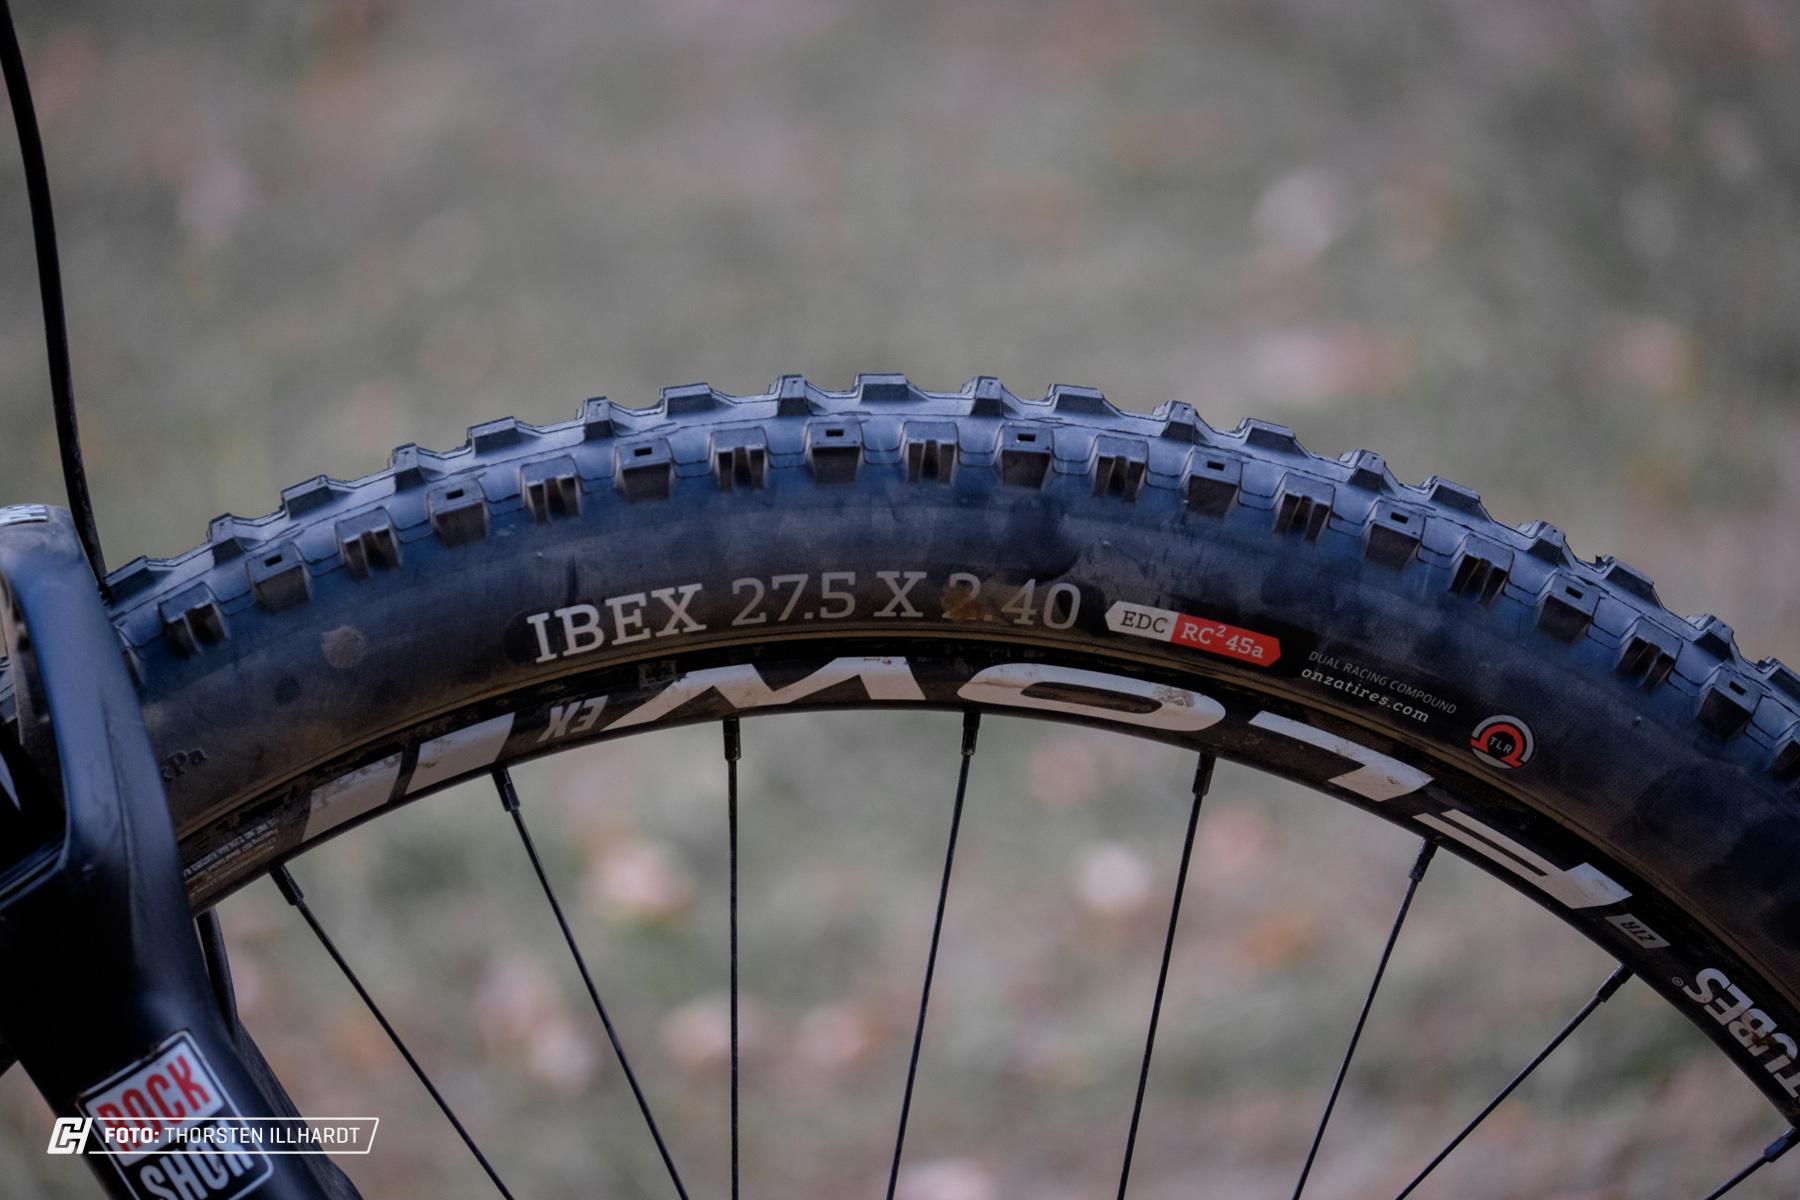 Onza IBEX 45a vorn...